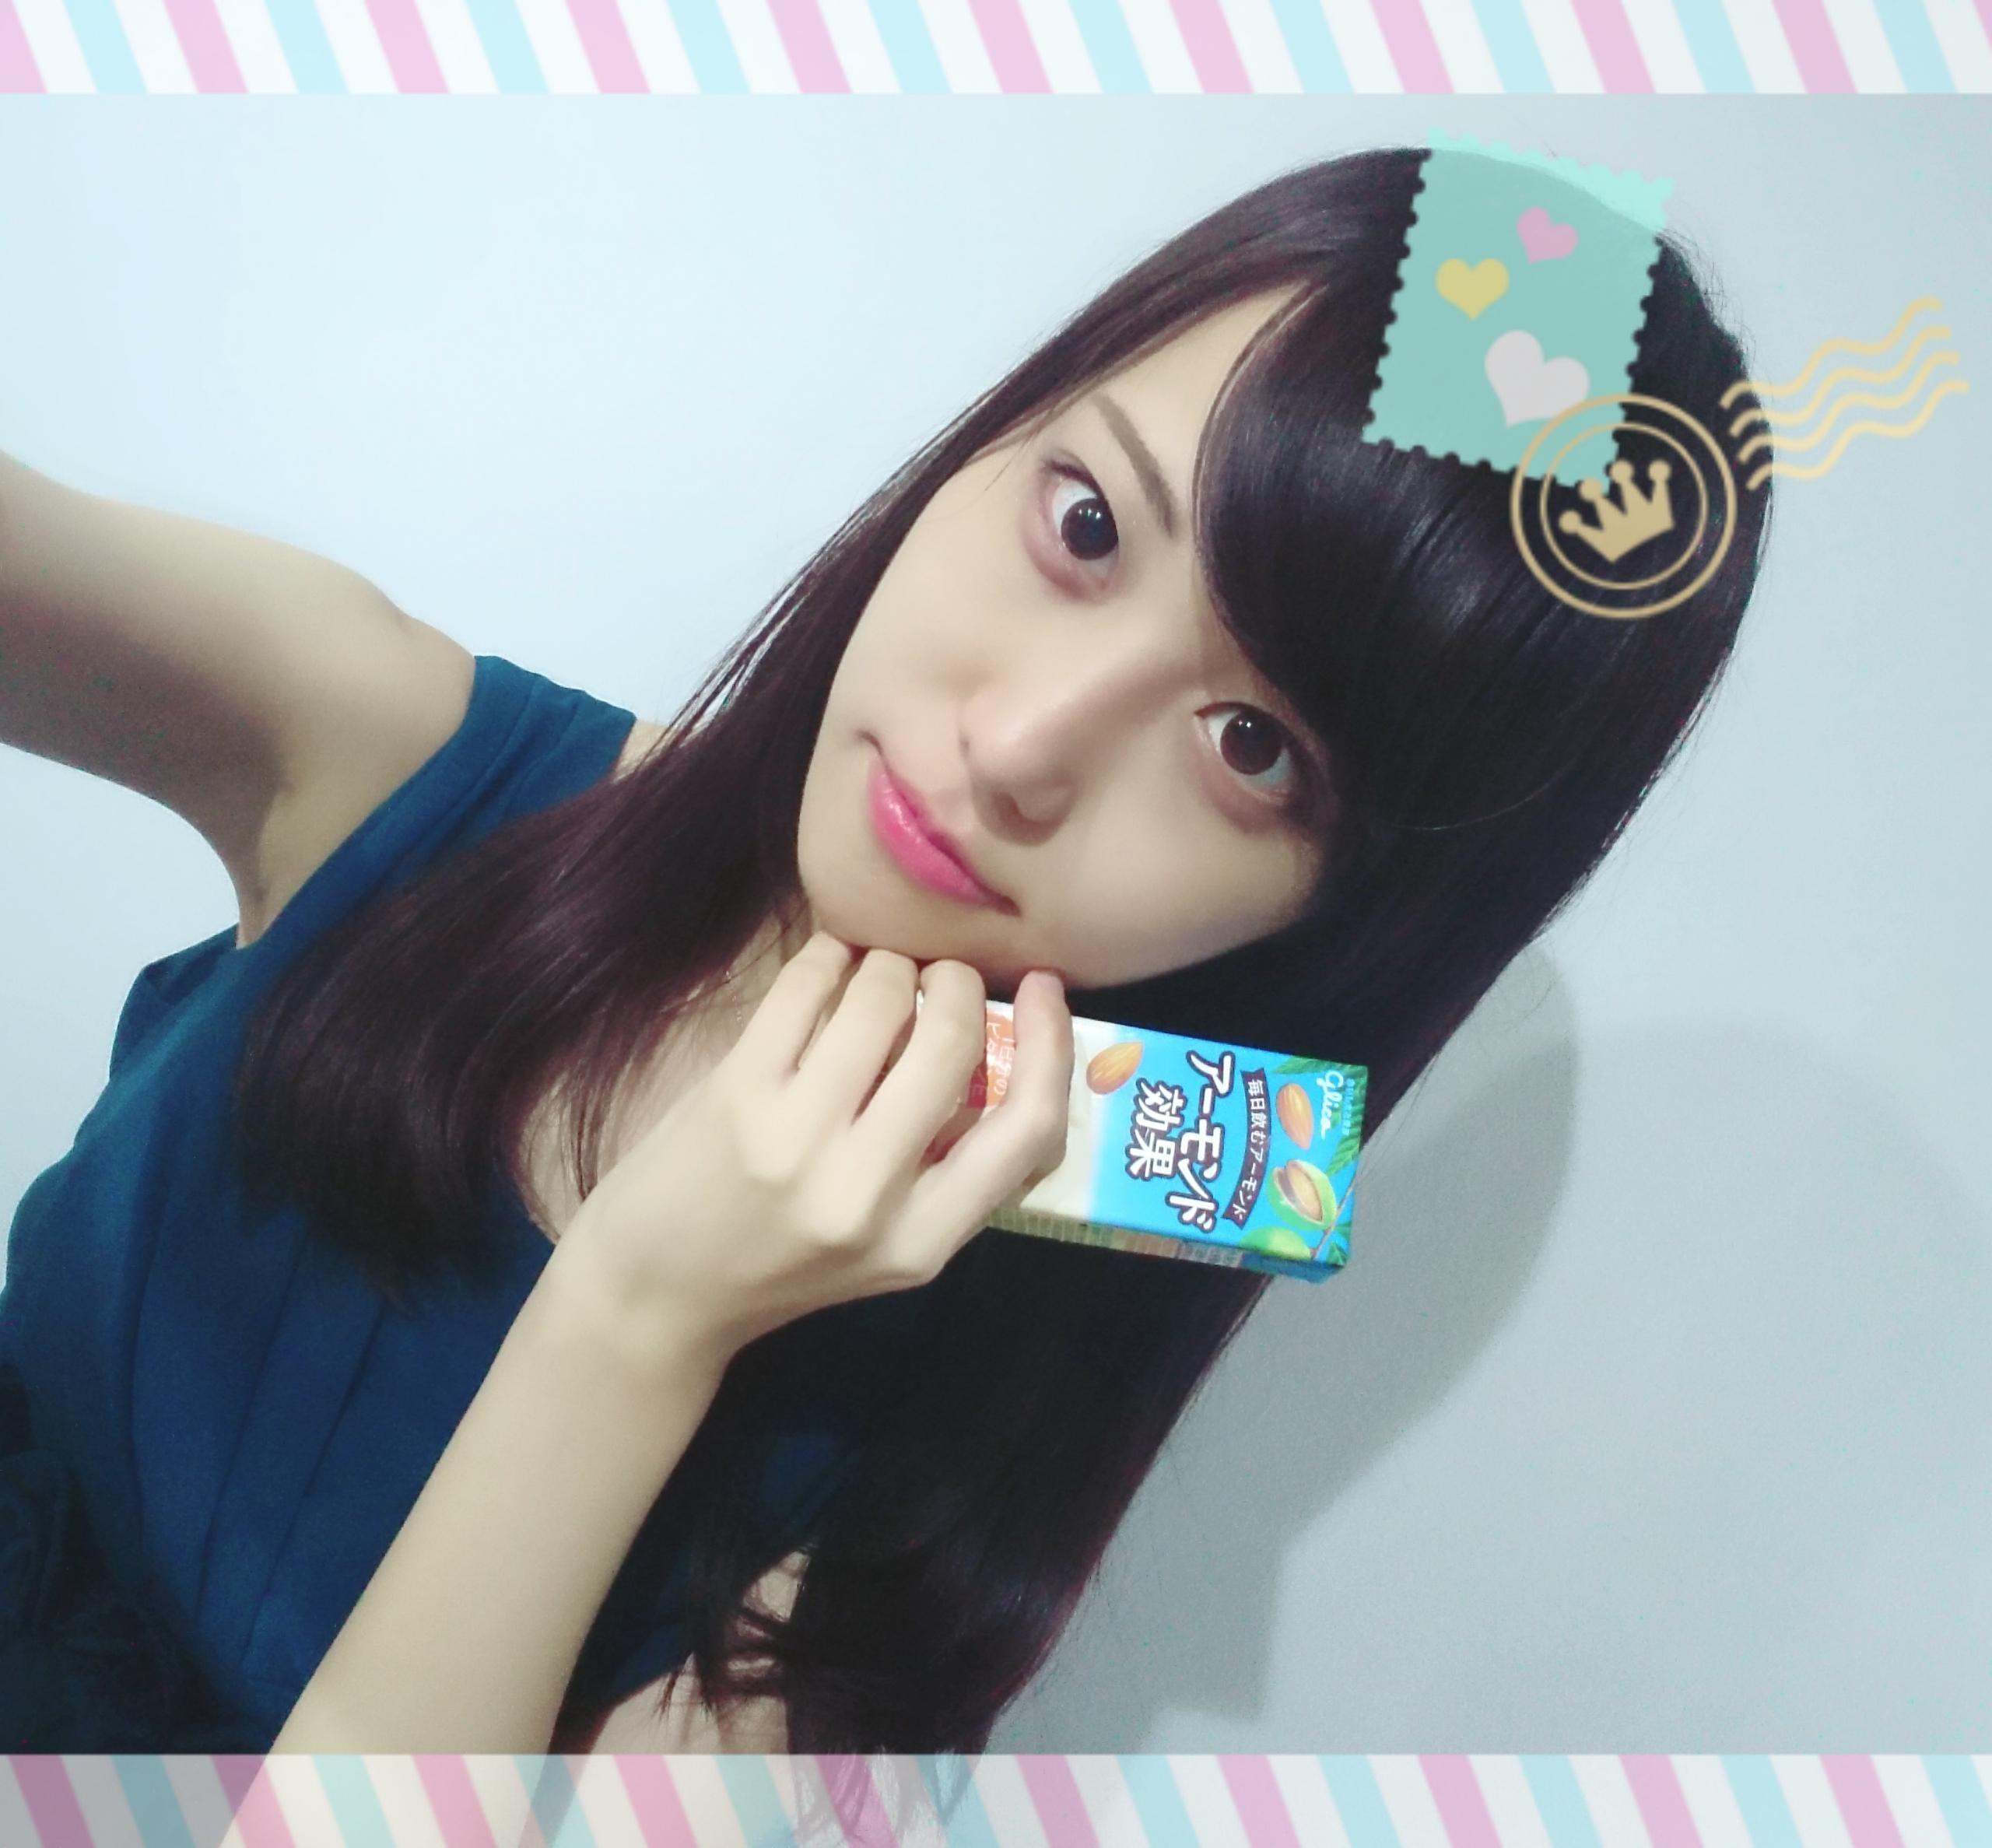 「ごっくん?」08/21(08/21) 14:51   梨里花(りりか)の写メ・風俗動画